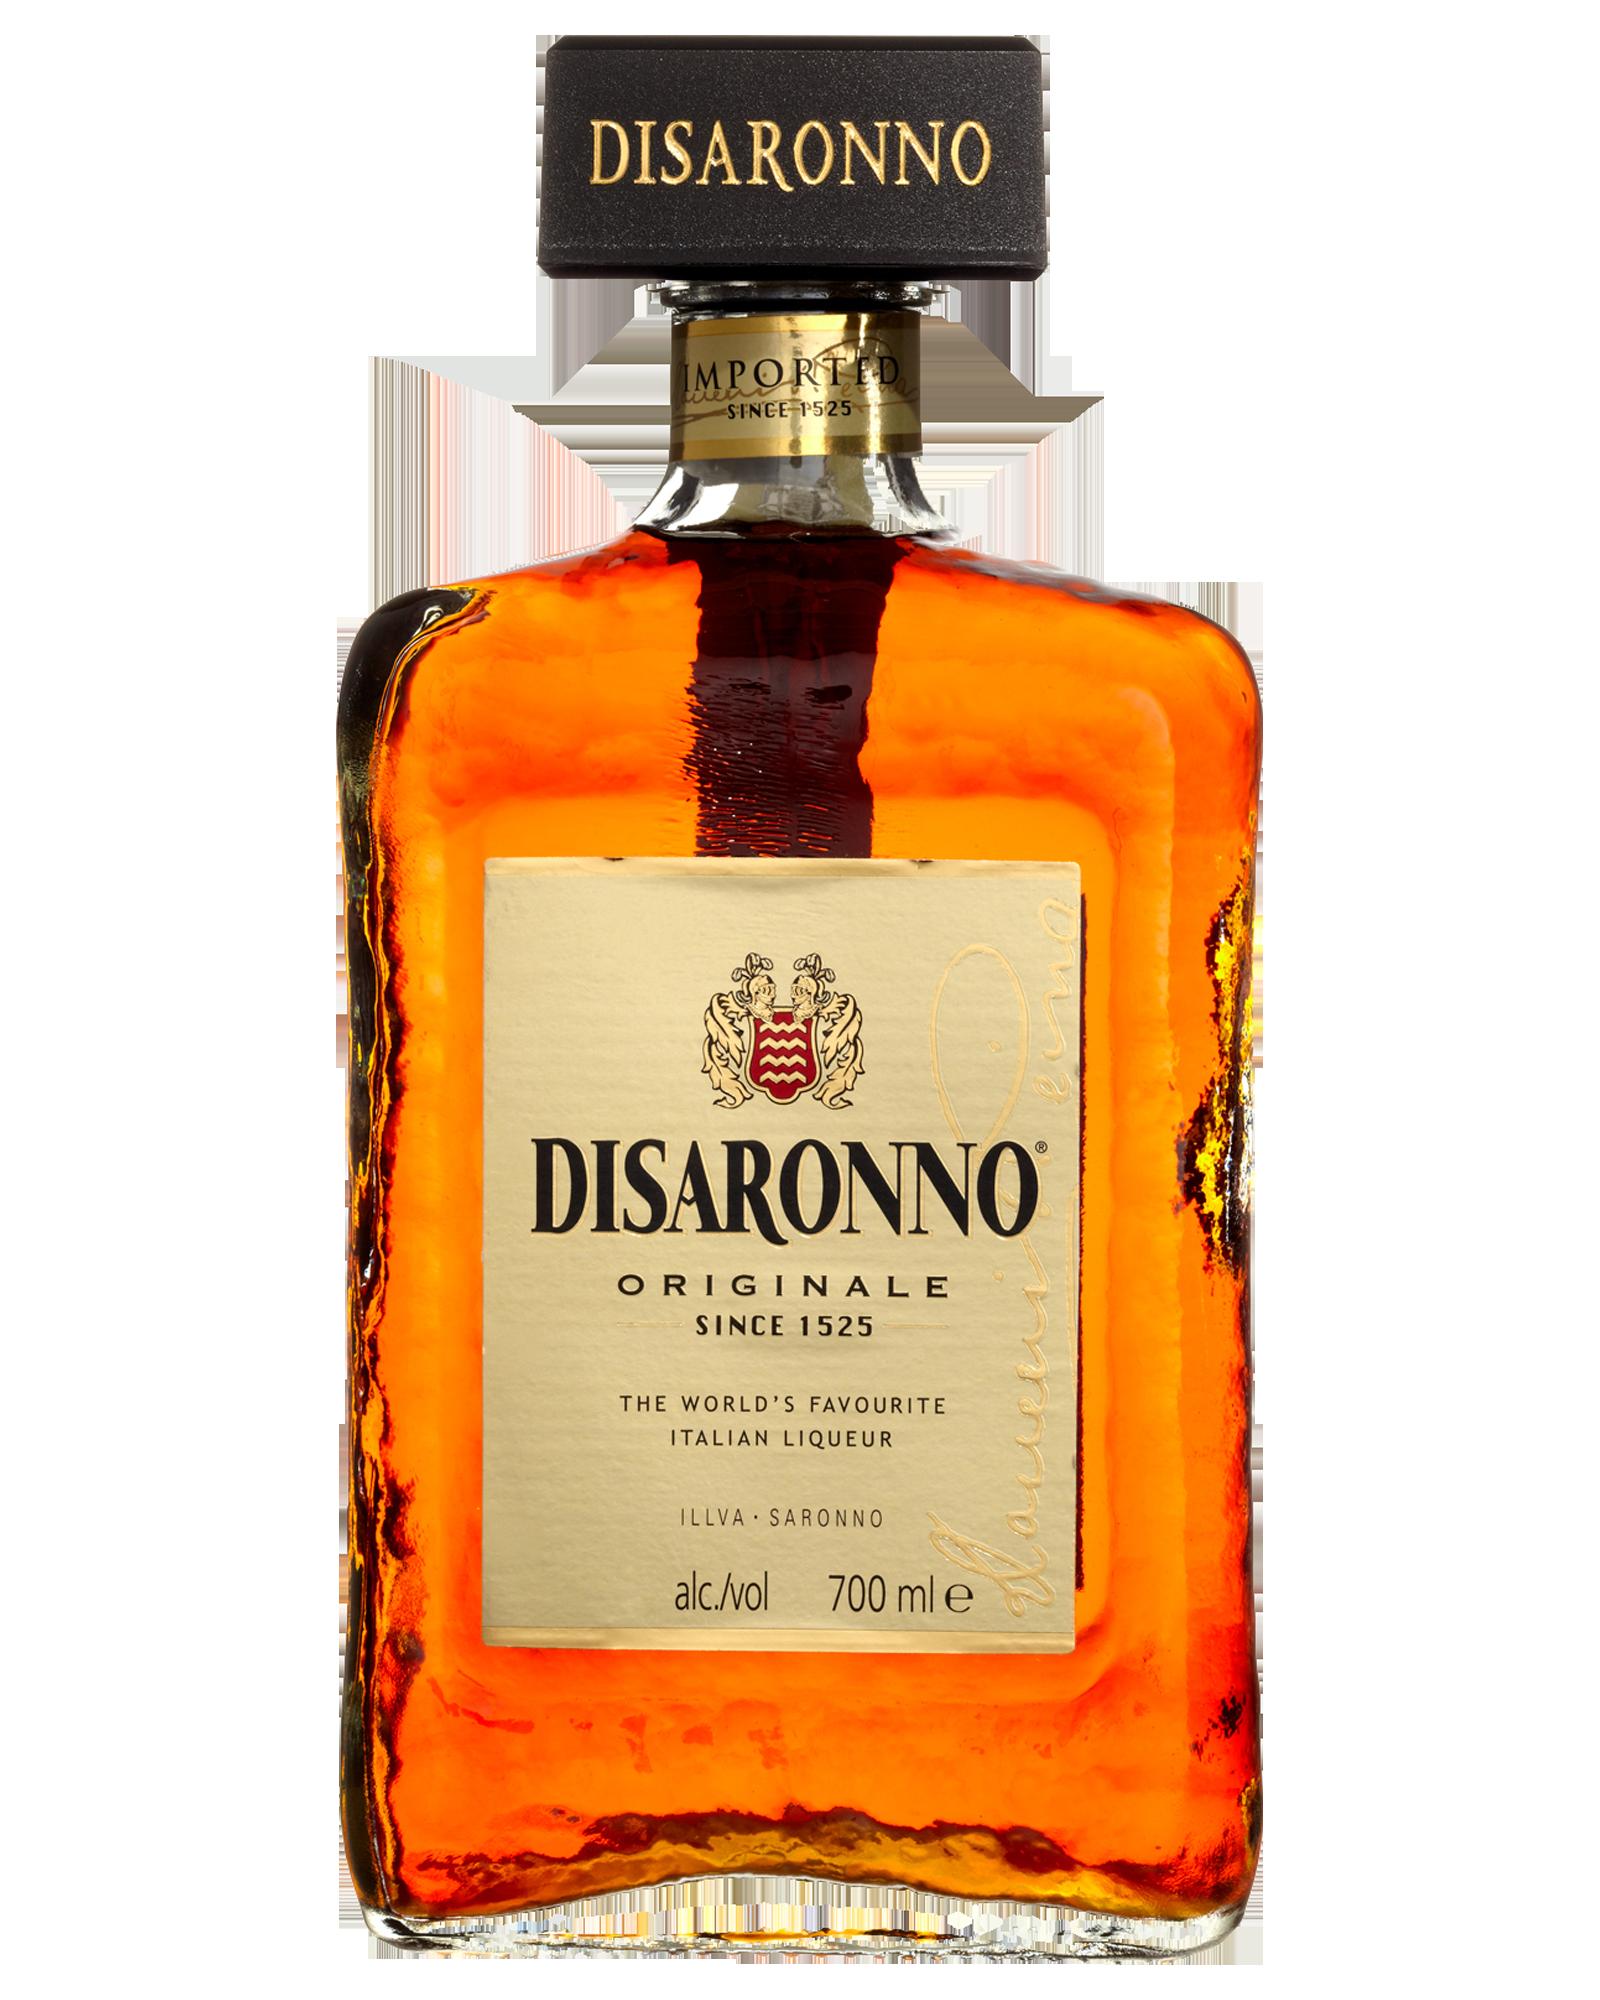 Disaronno